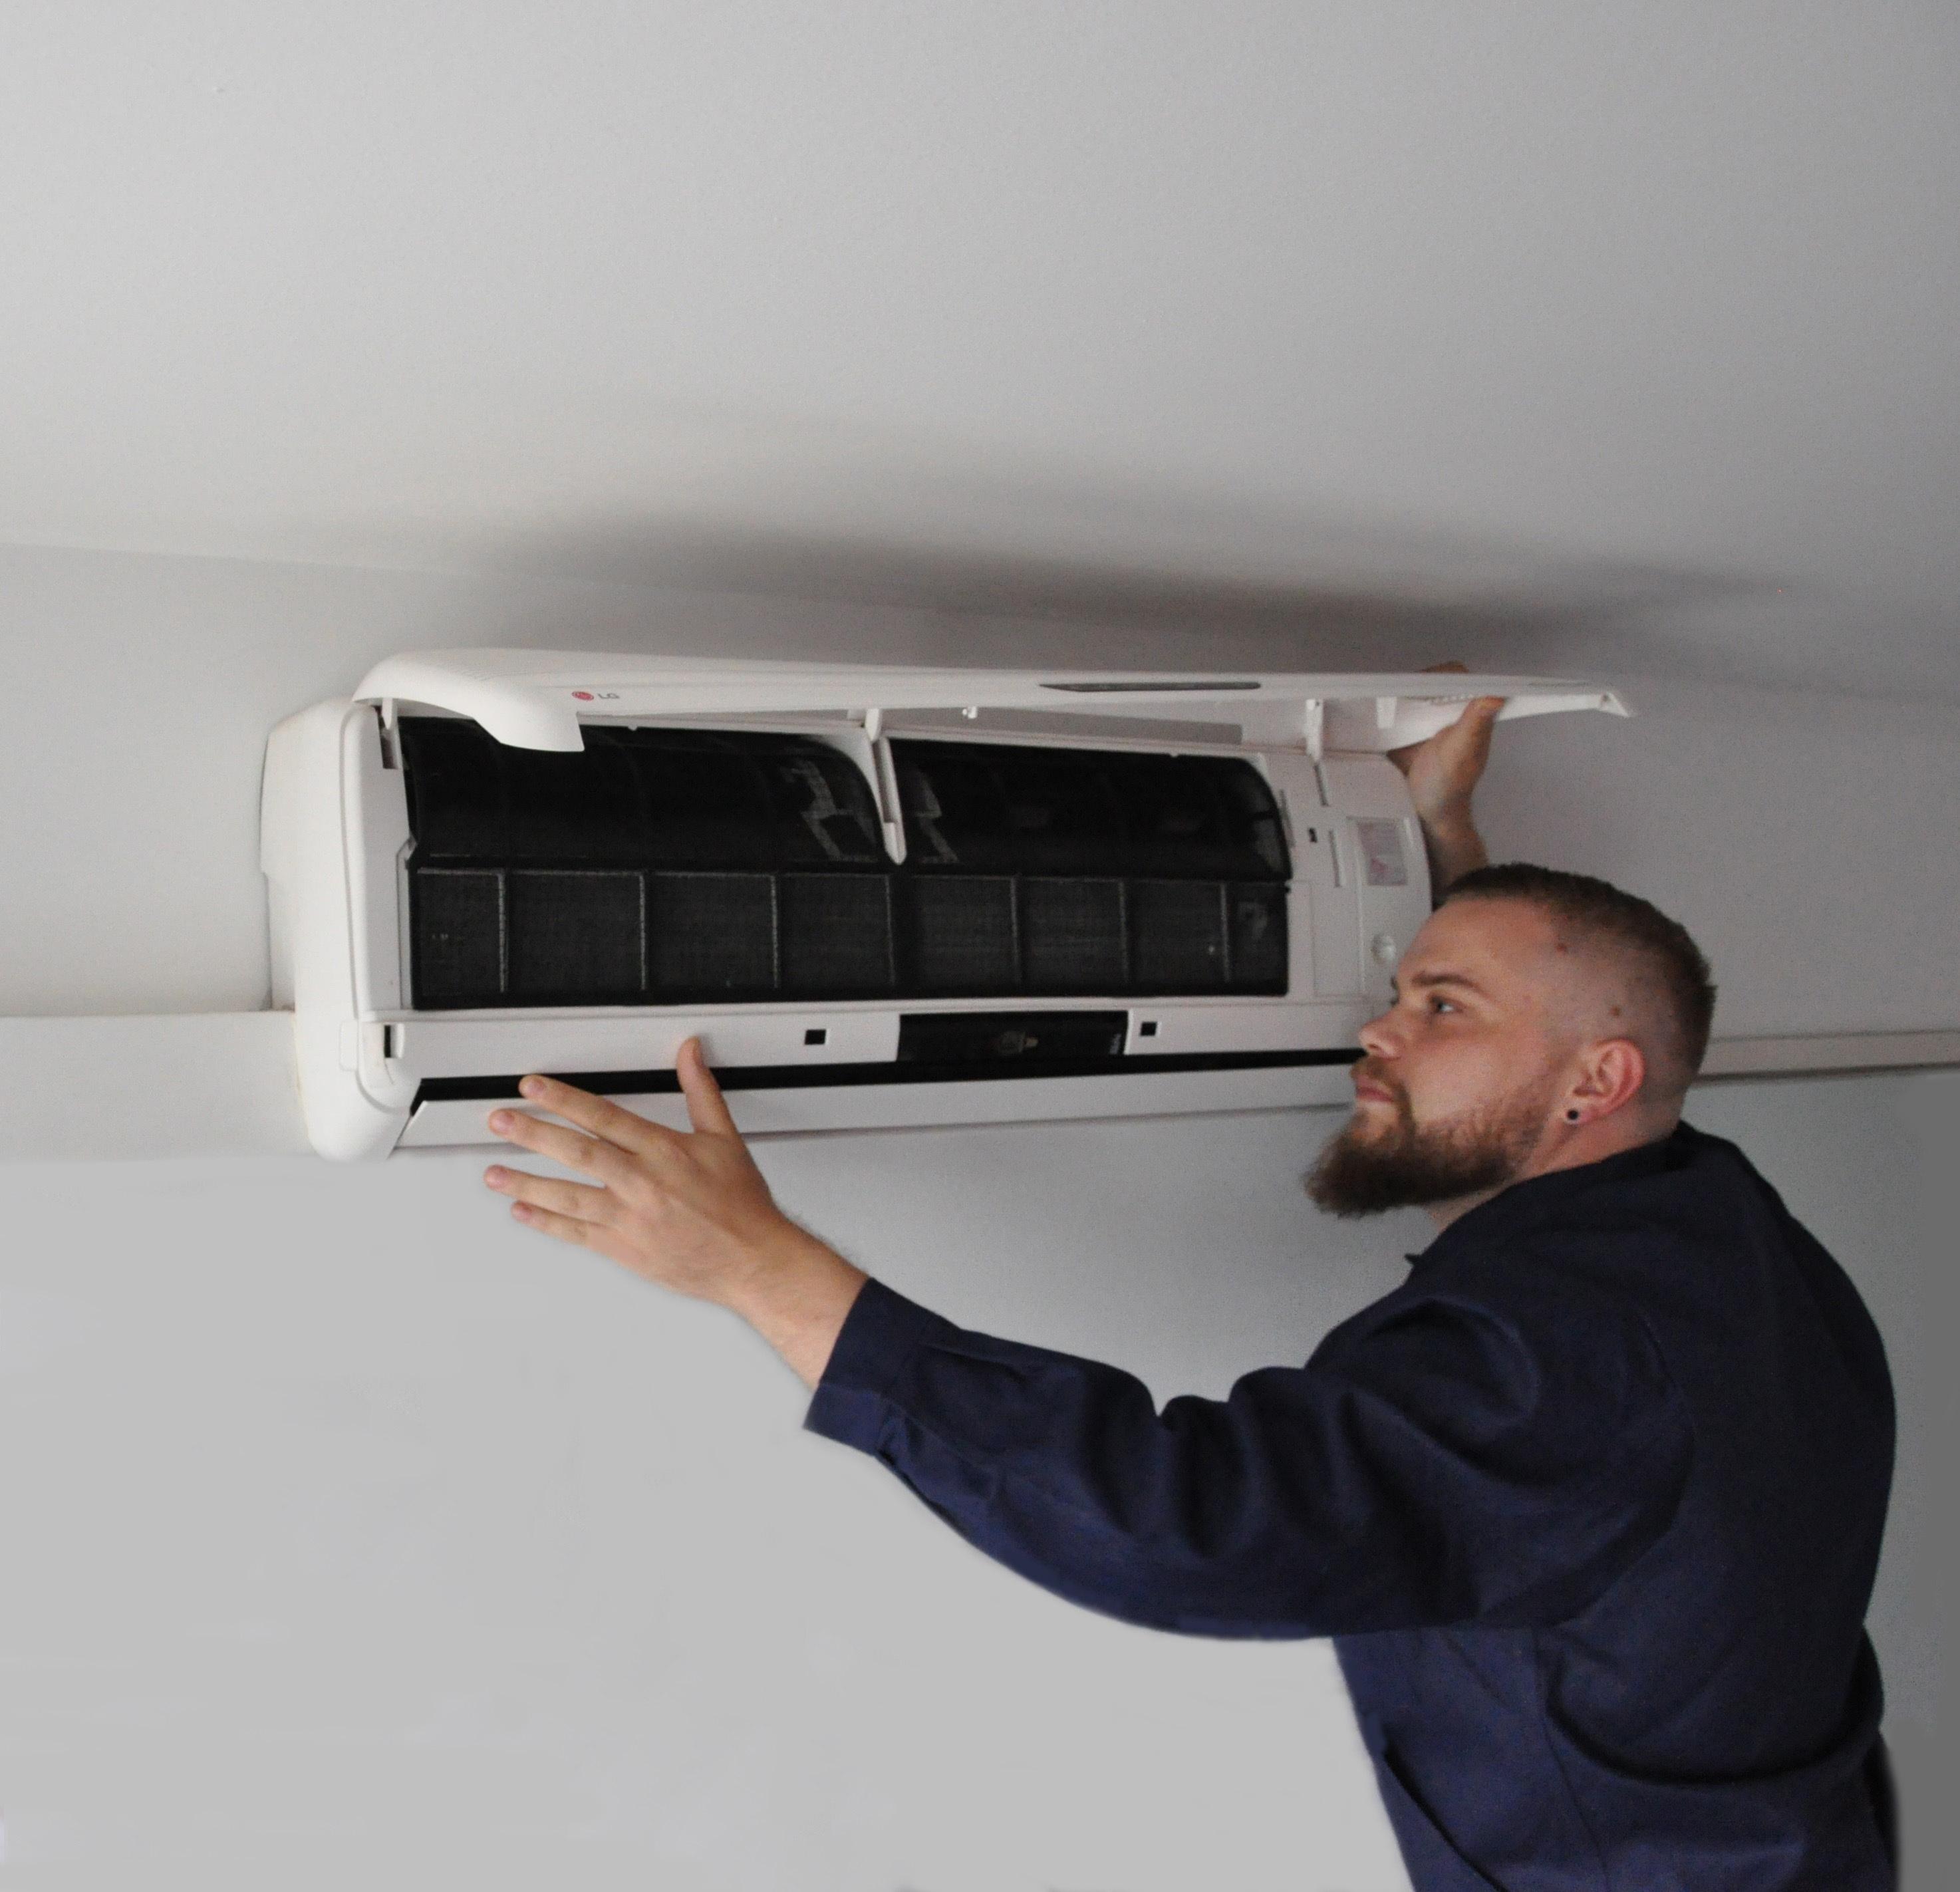 klimaanlagen in geb uden filter und wasser regelm ig wechseln lassen t v rheinland. Black Bedroom Furniture Sets. Home Design Ideas